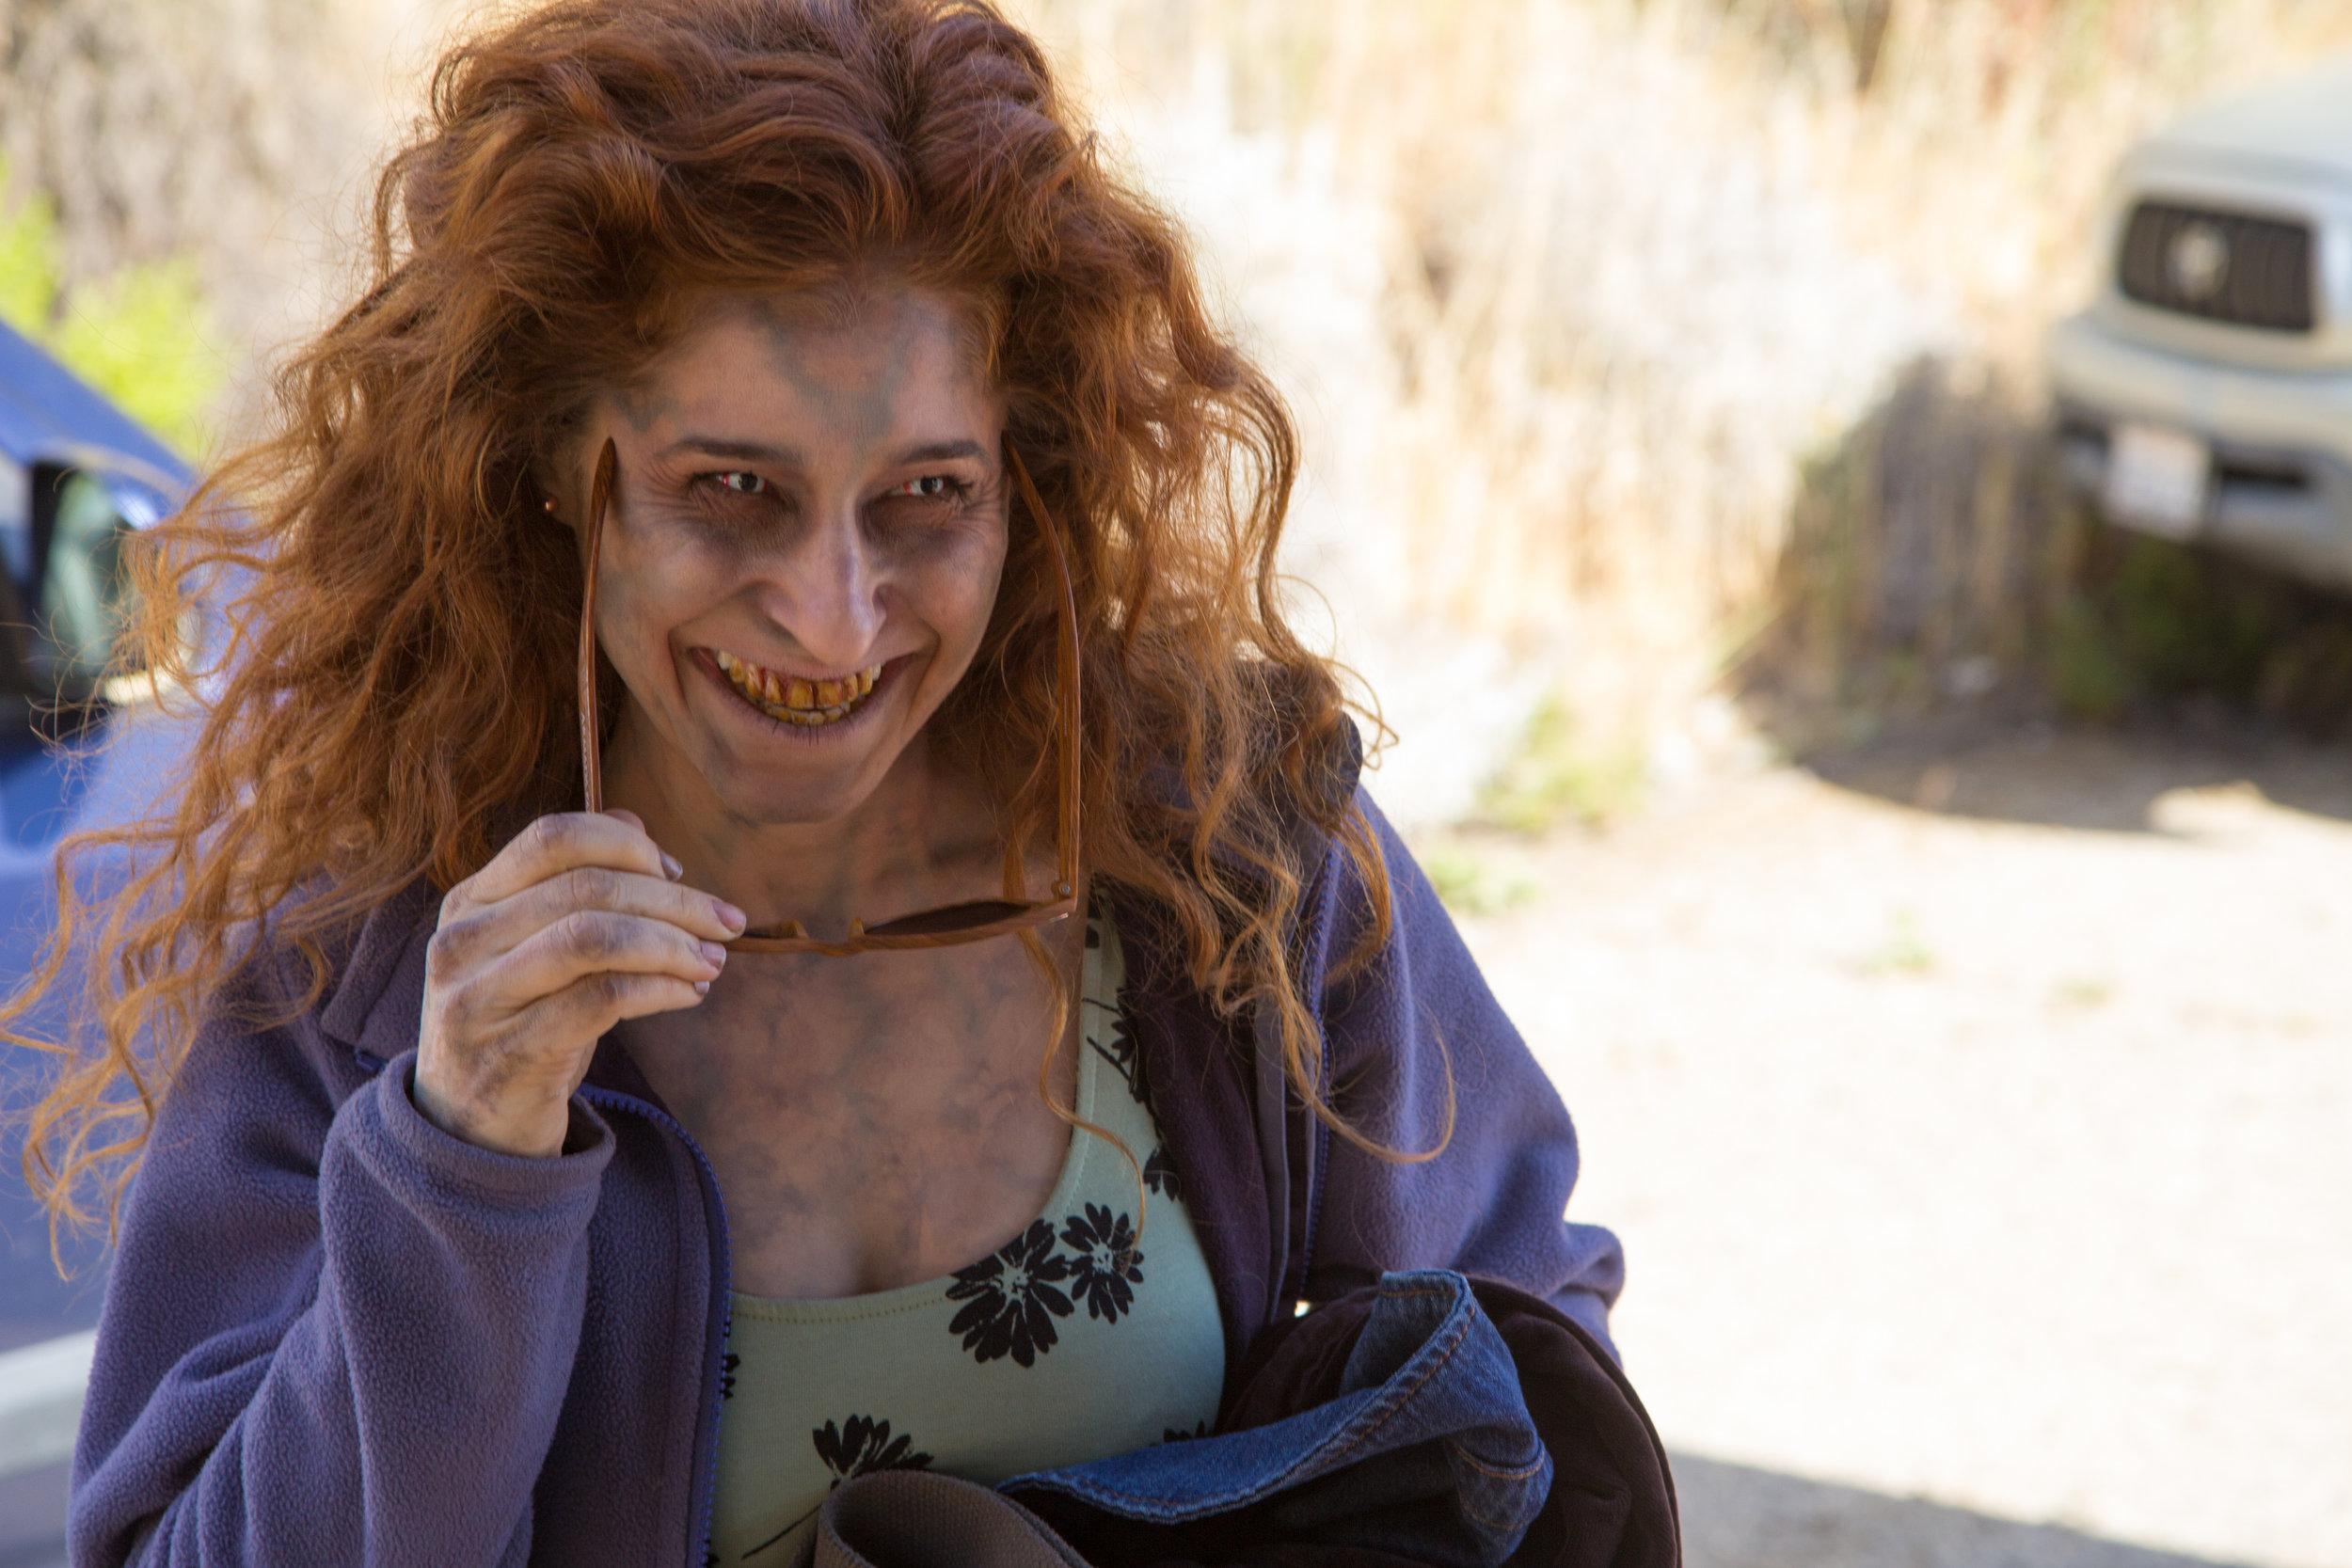 sarah gurfield - BOYEATSGIRL.ZombieMovieStar.jpg